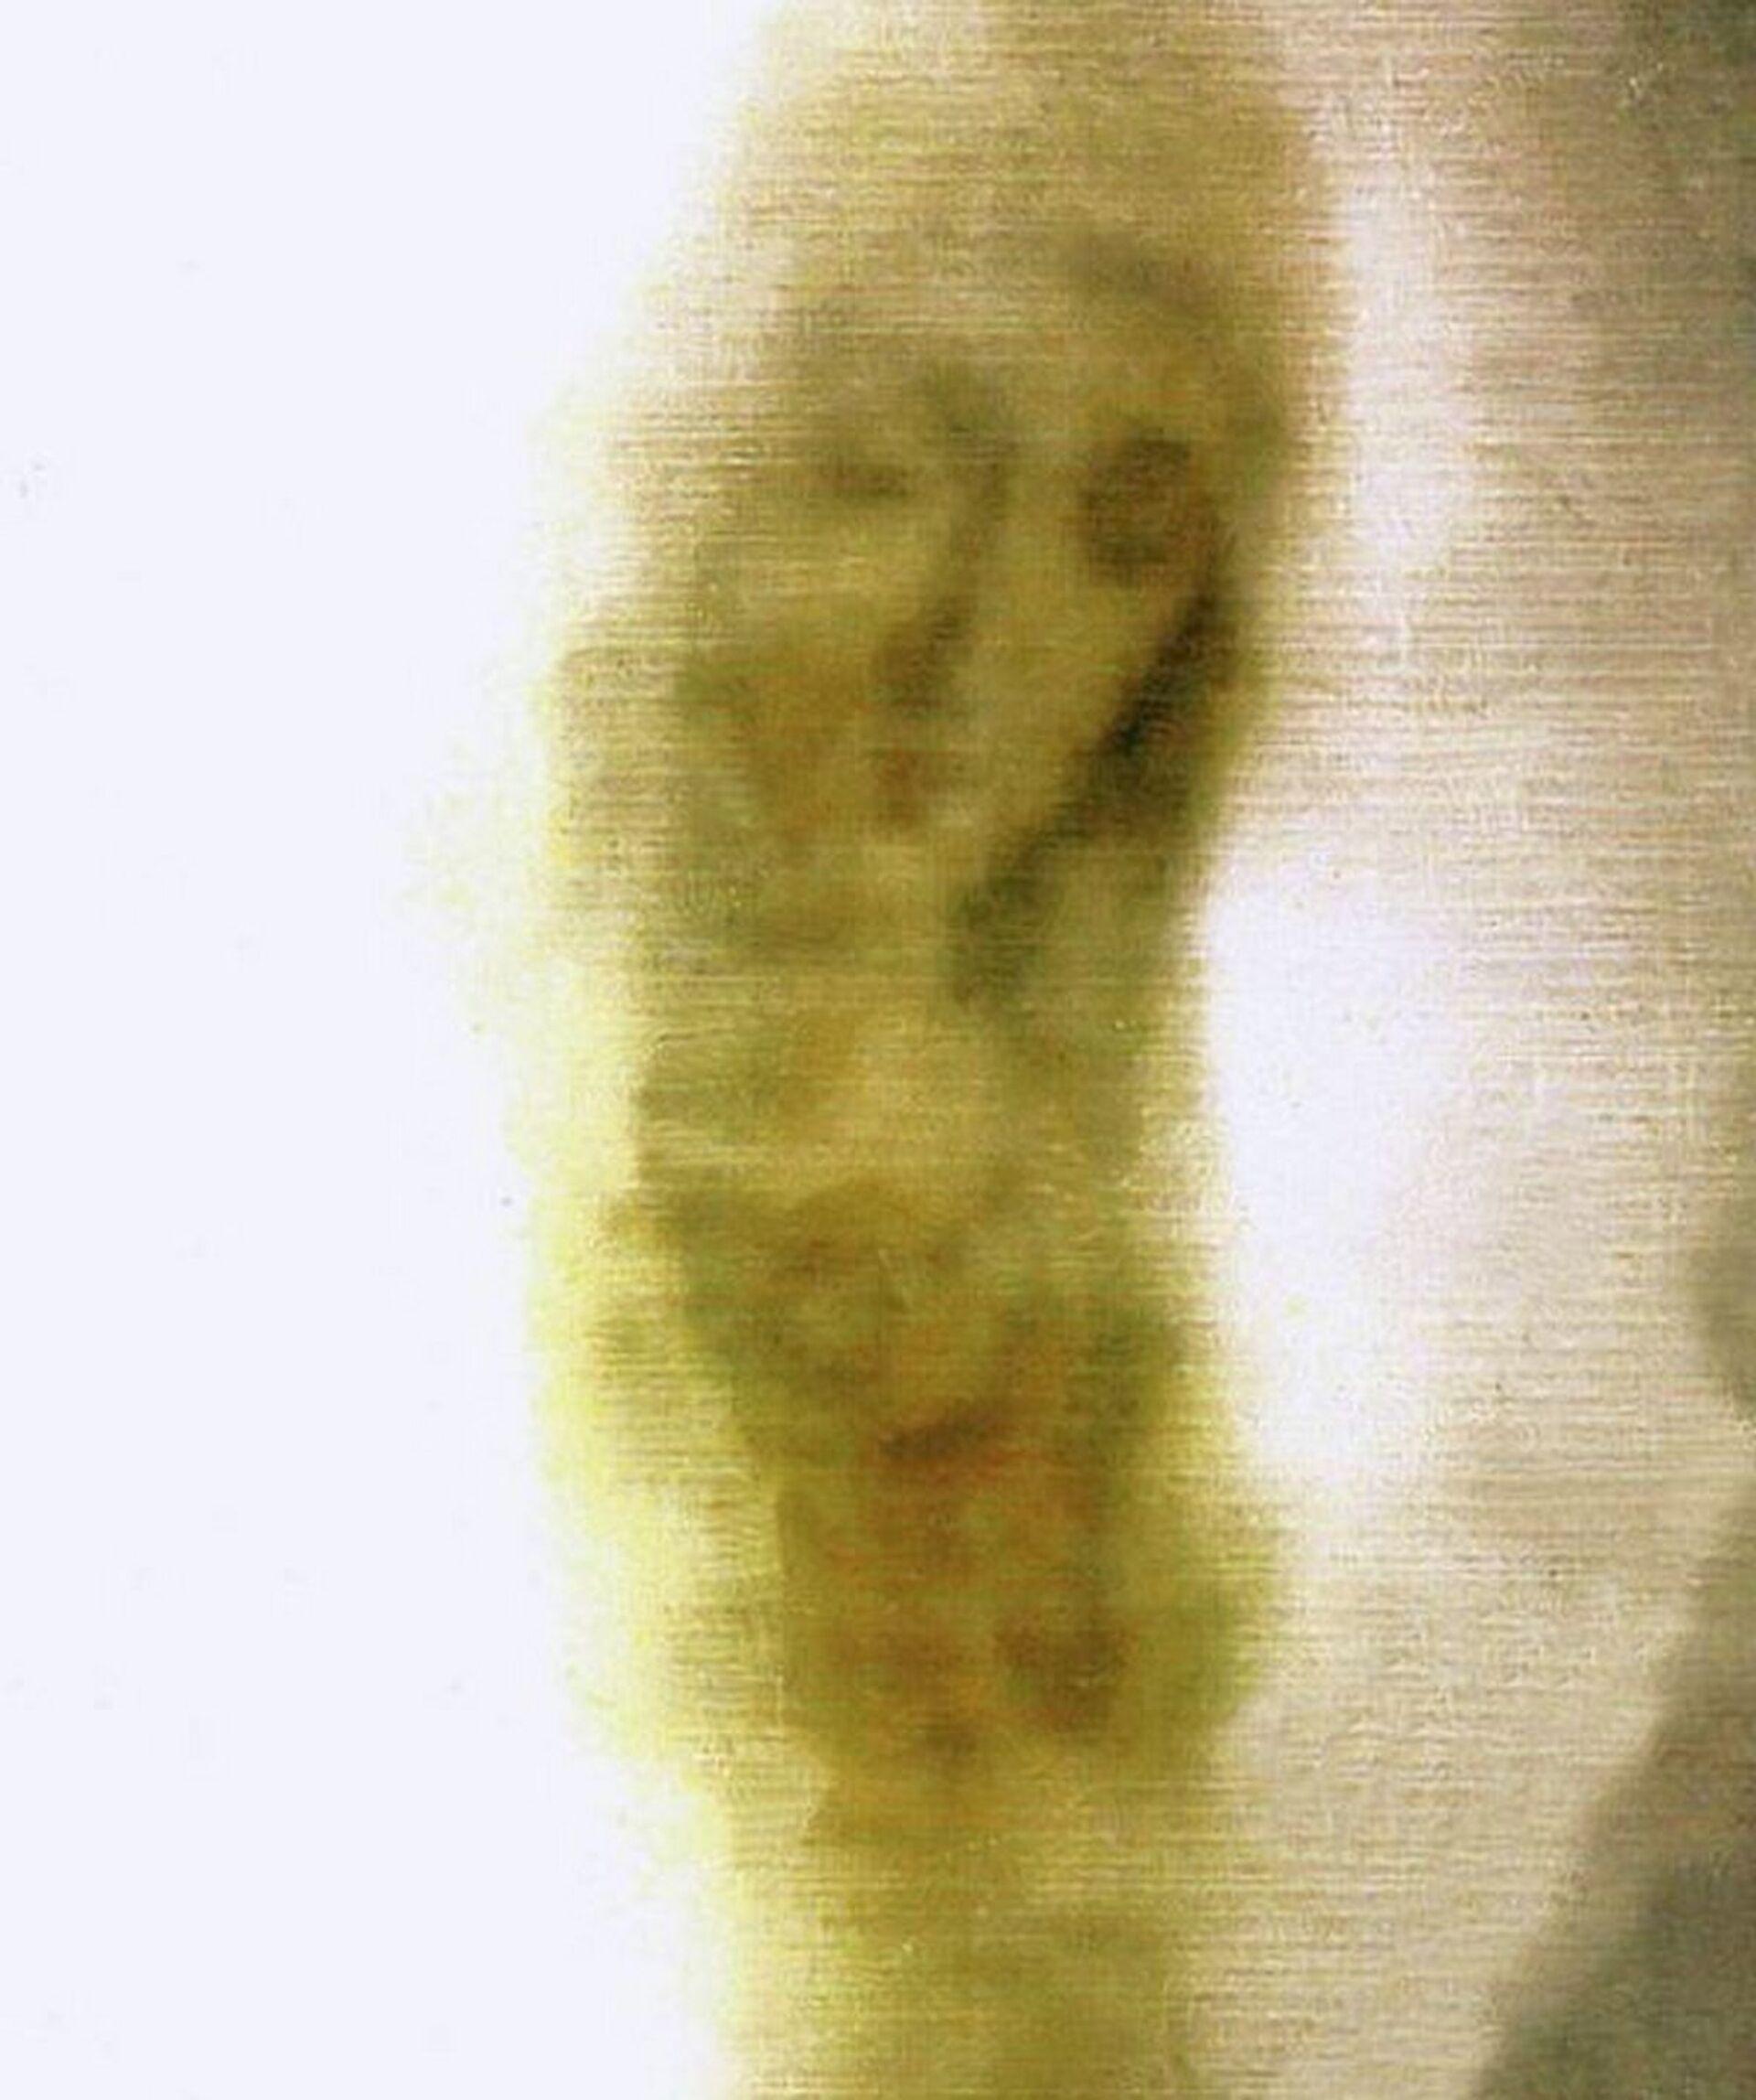 Обратная сторона иконы, на которой просматривается Нерукотворный Образ Божией Матери - Sputnik Беларусь, 1920, 29.06.2021